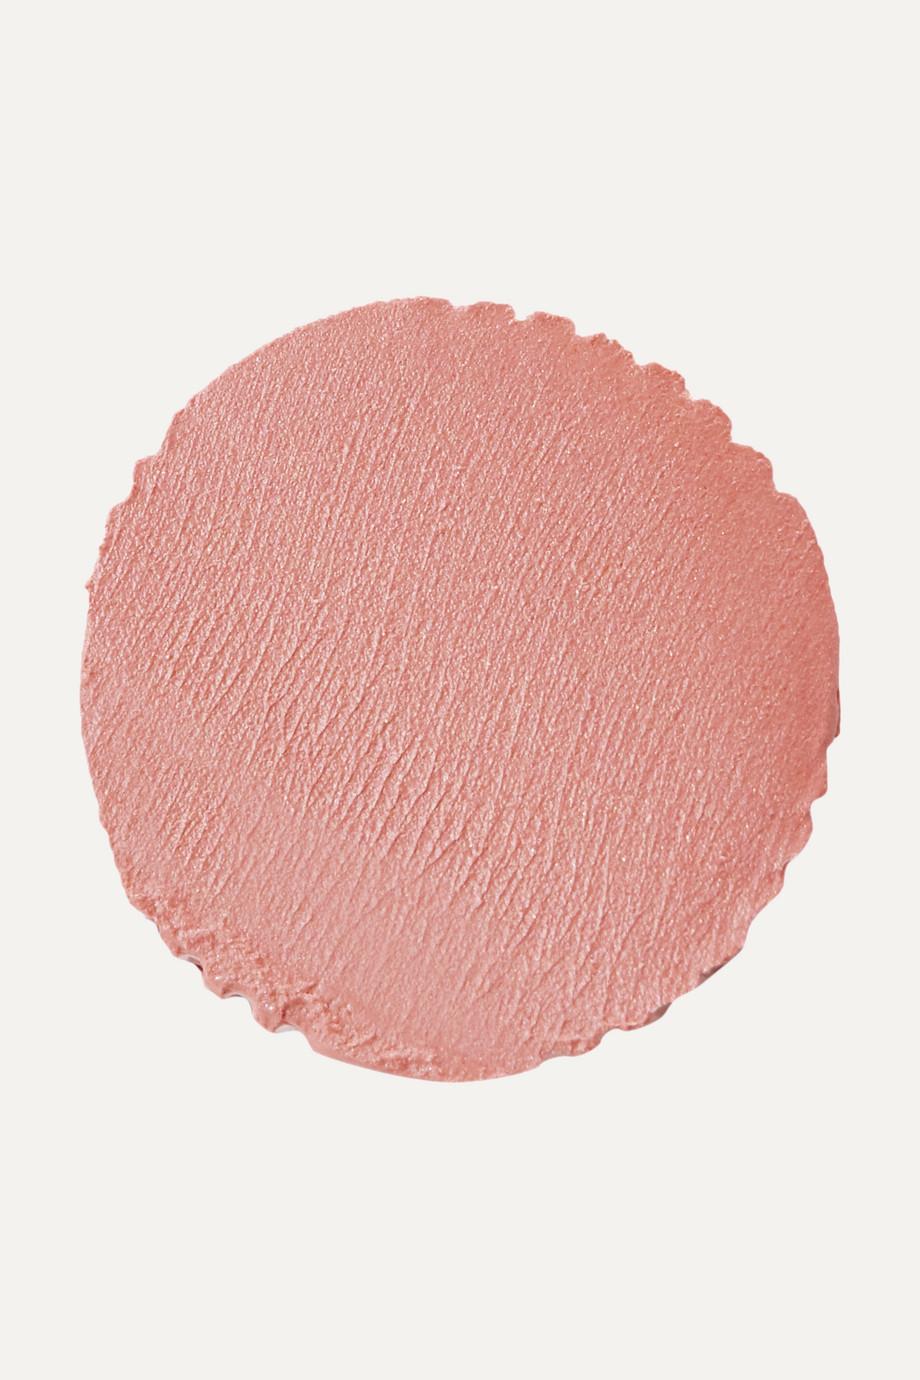 Burberry Beauty Lip Velvet - Pale Rose No.402